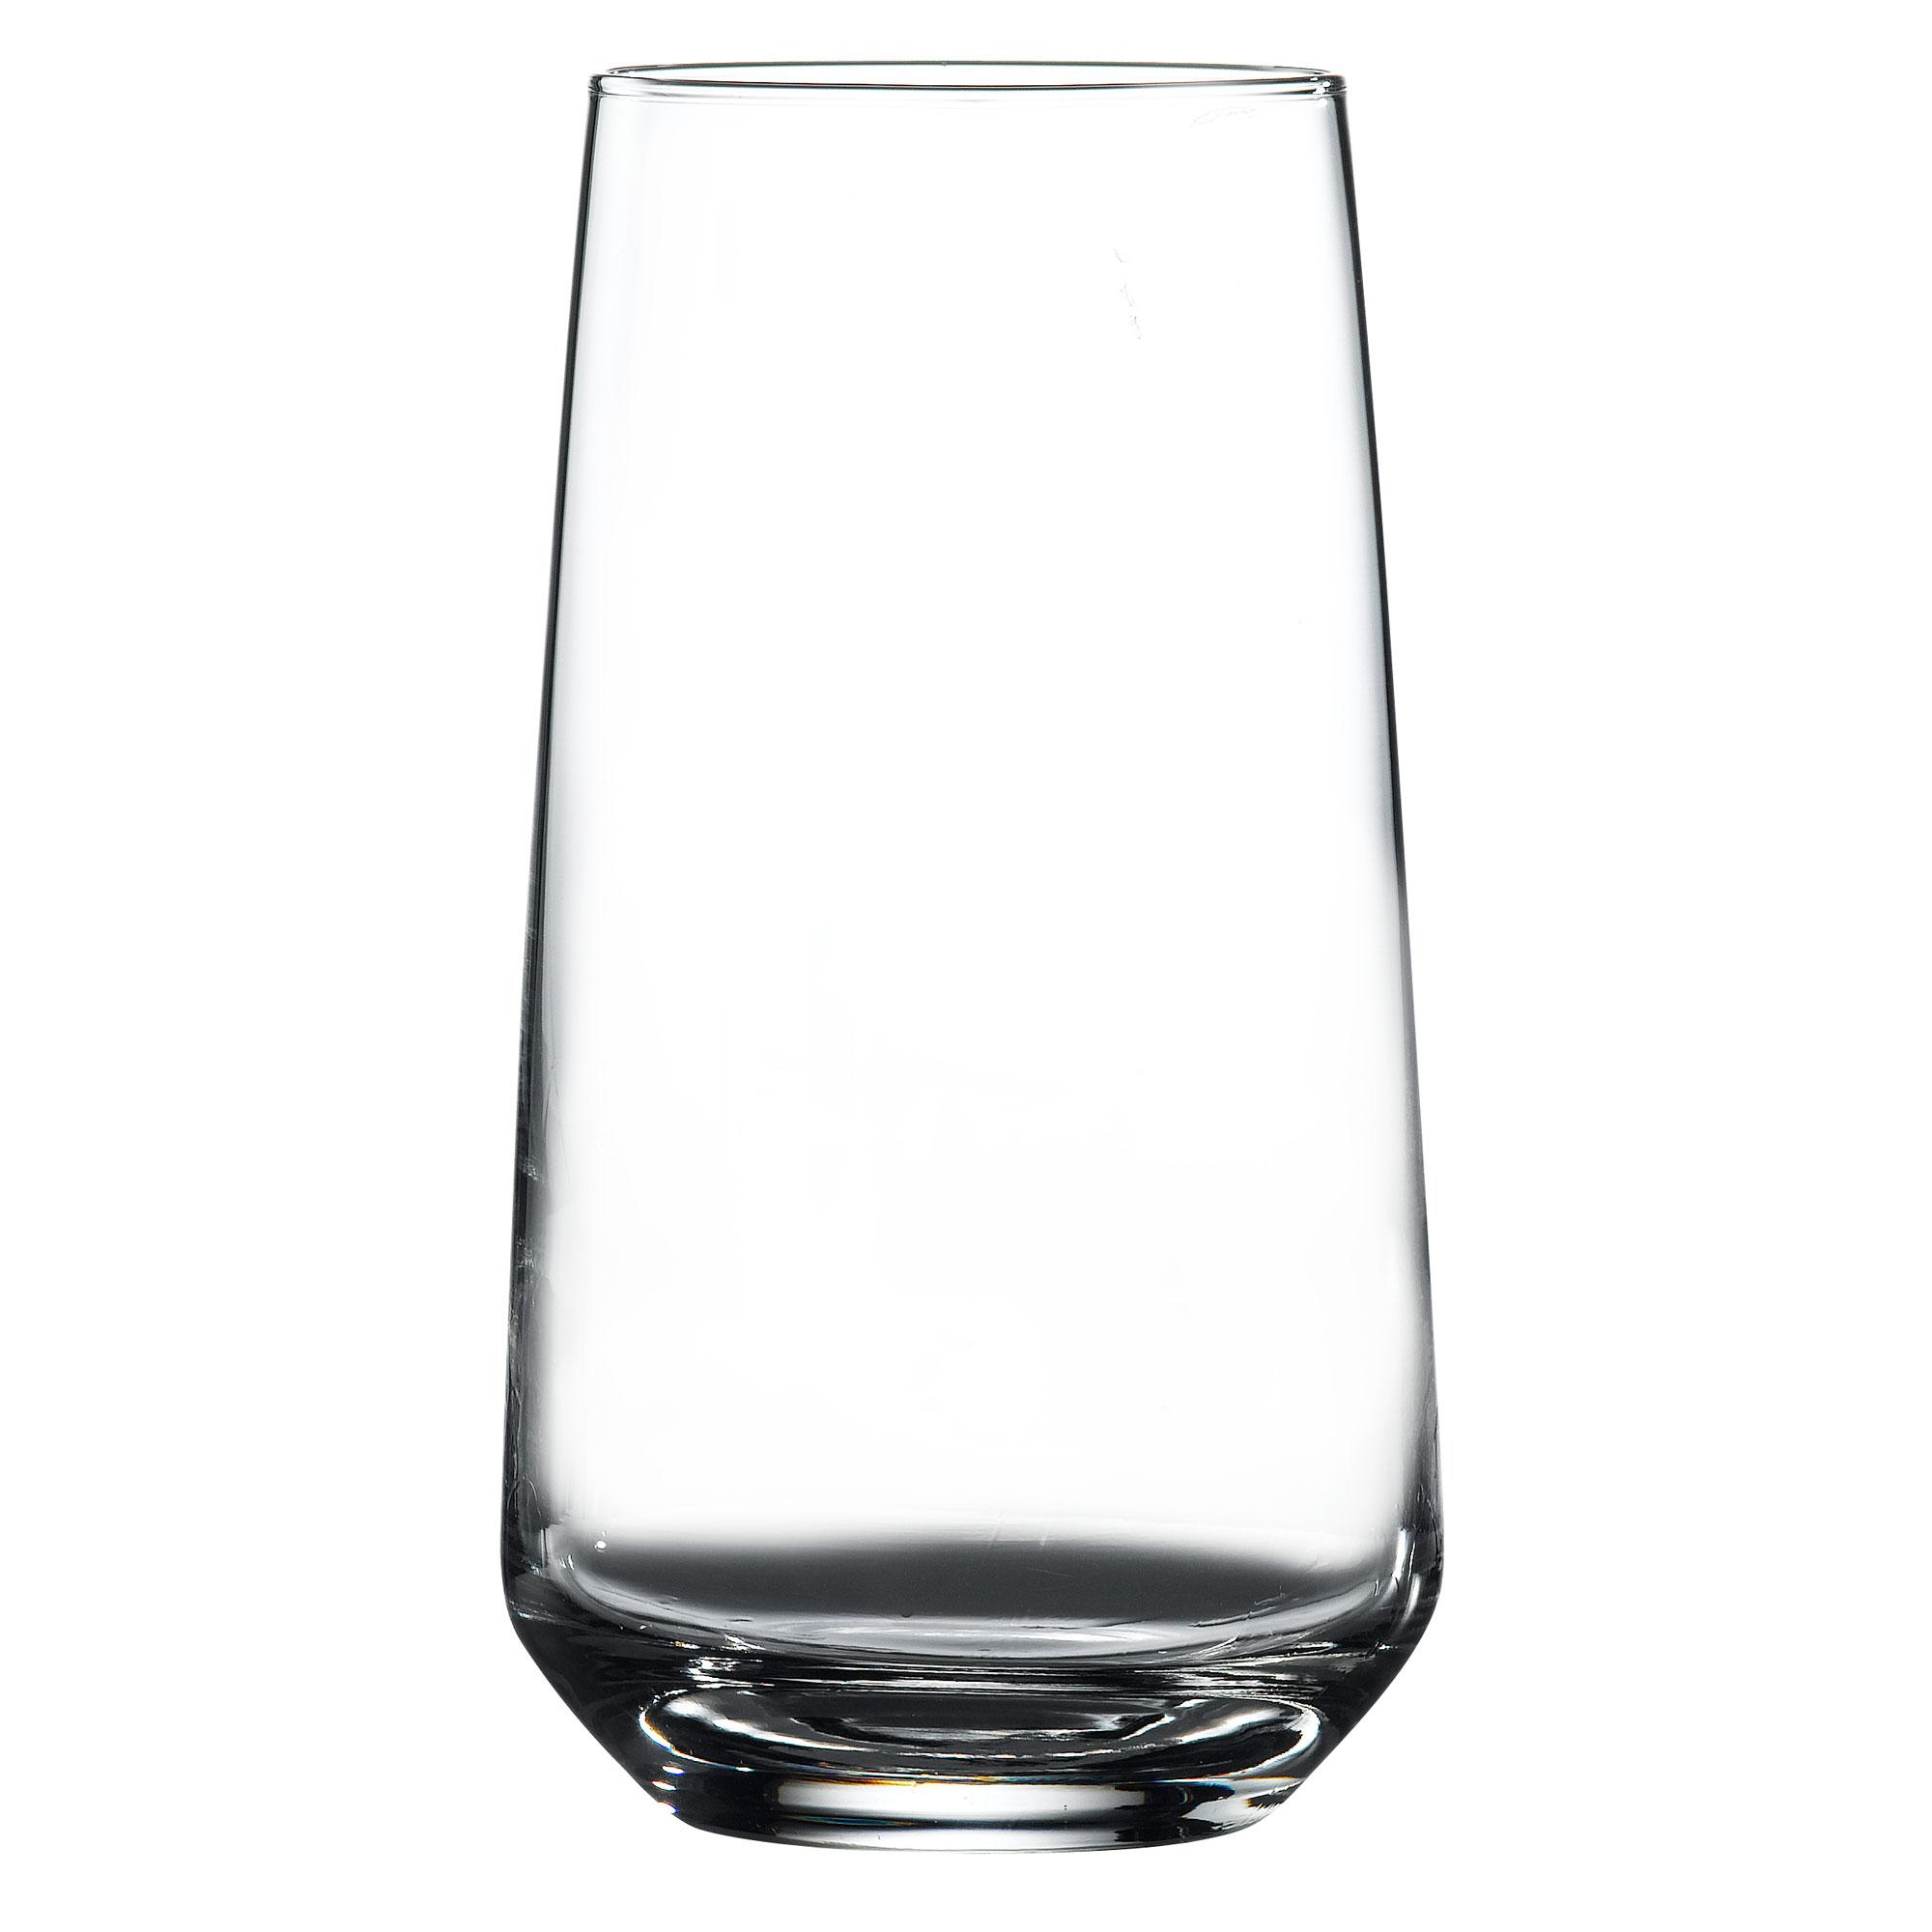 Aras Tall Tumblers 10.5oz Tall Cocktail Glass Tumblers 300ml Set of 6